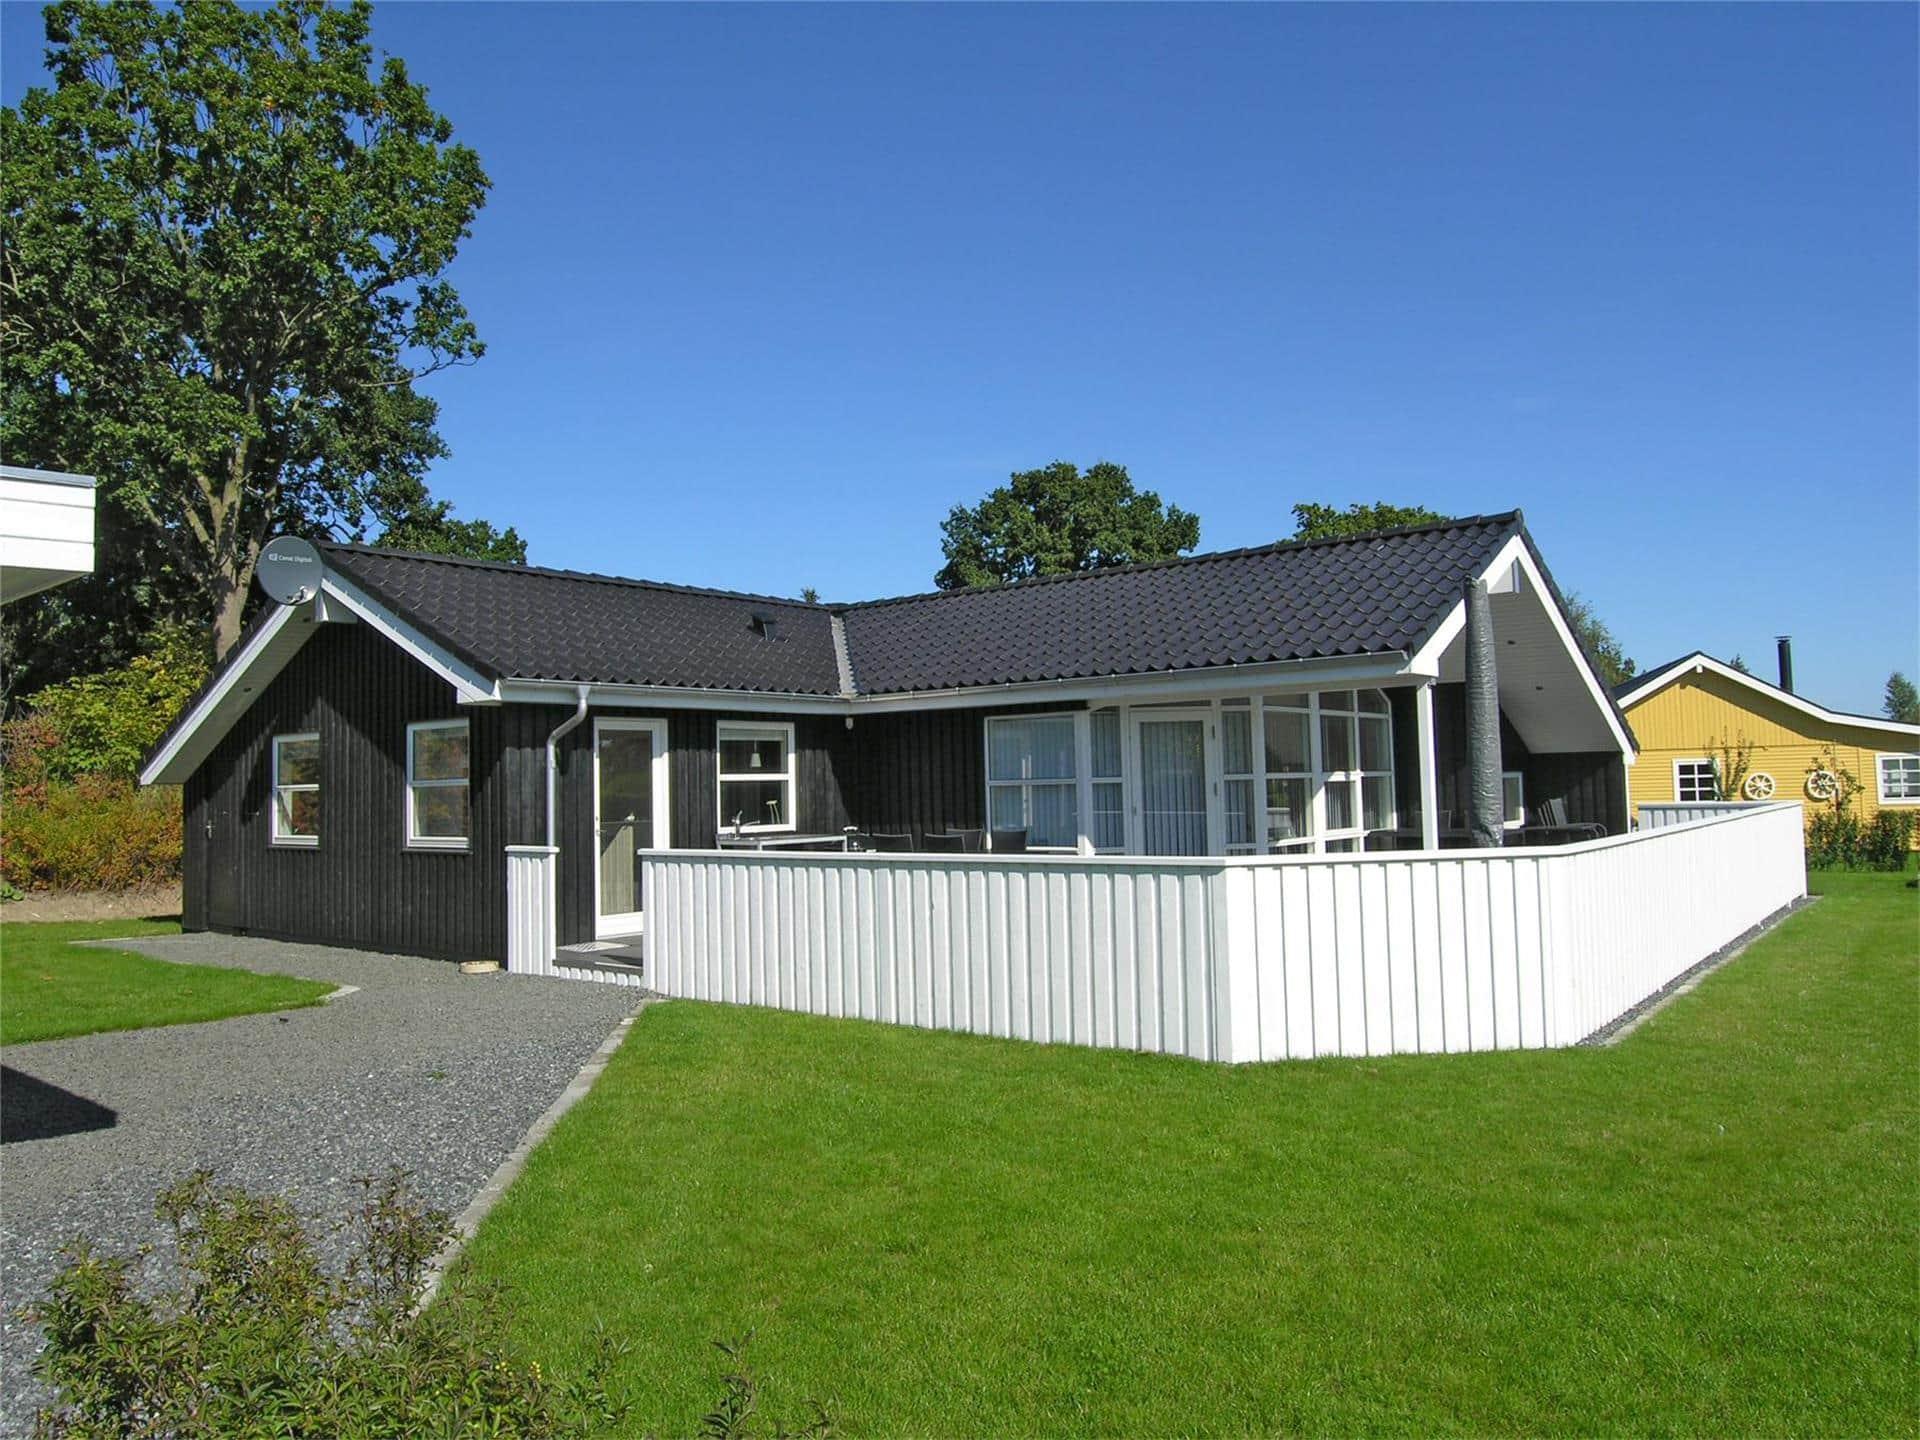 Image 1-19 Holiday-home 30310, Violvej 18, DK - 8300 Odder